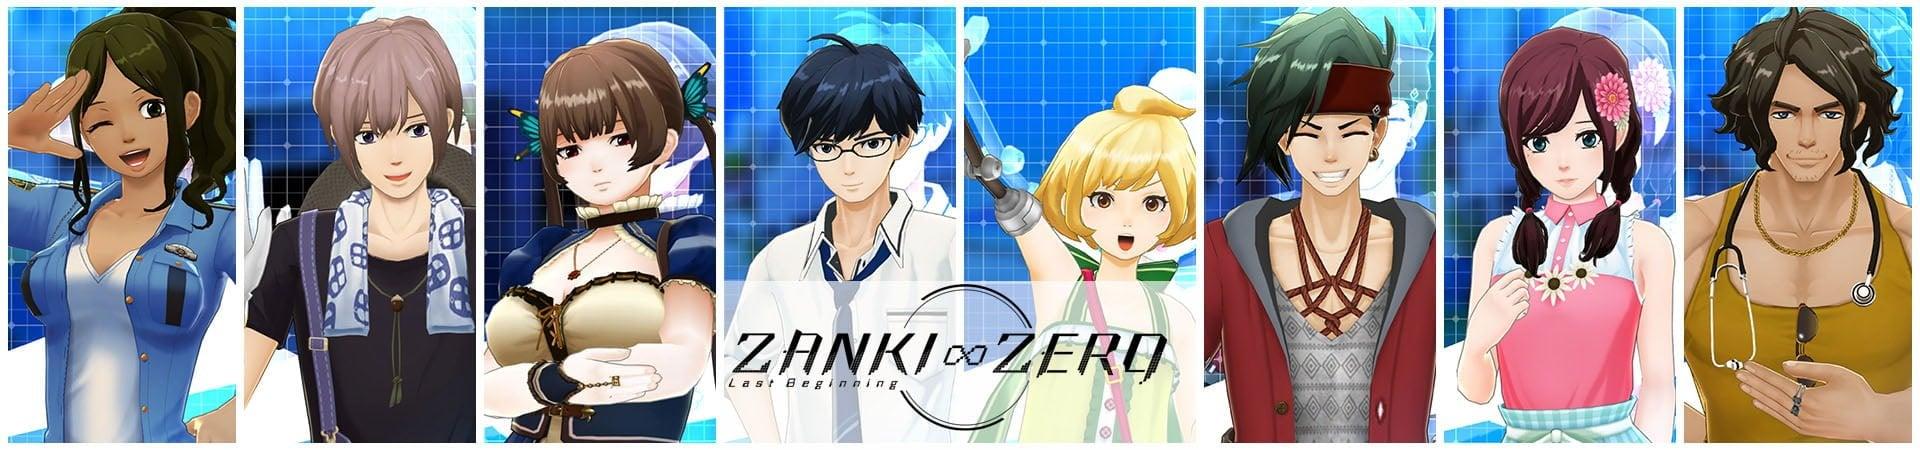 How To Use Zanki